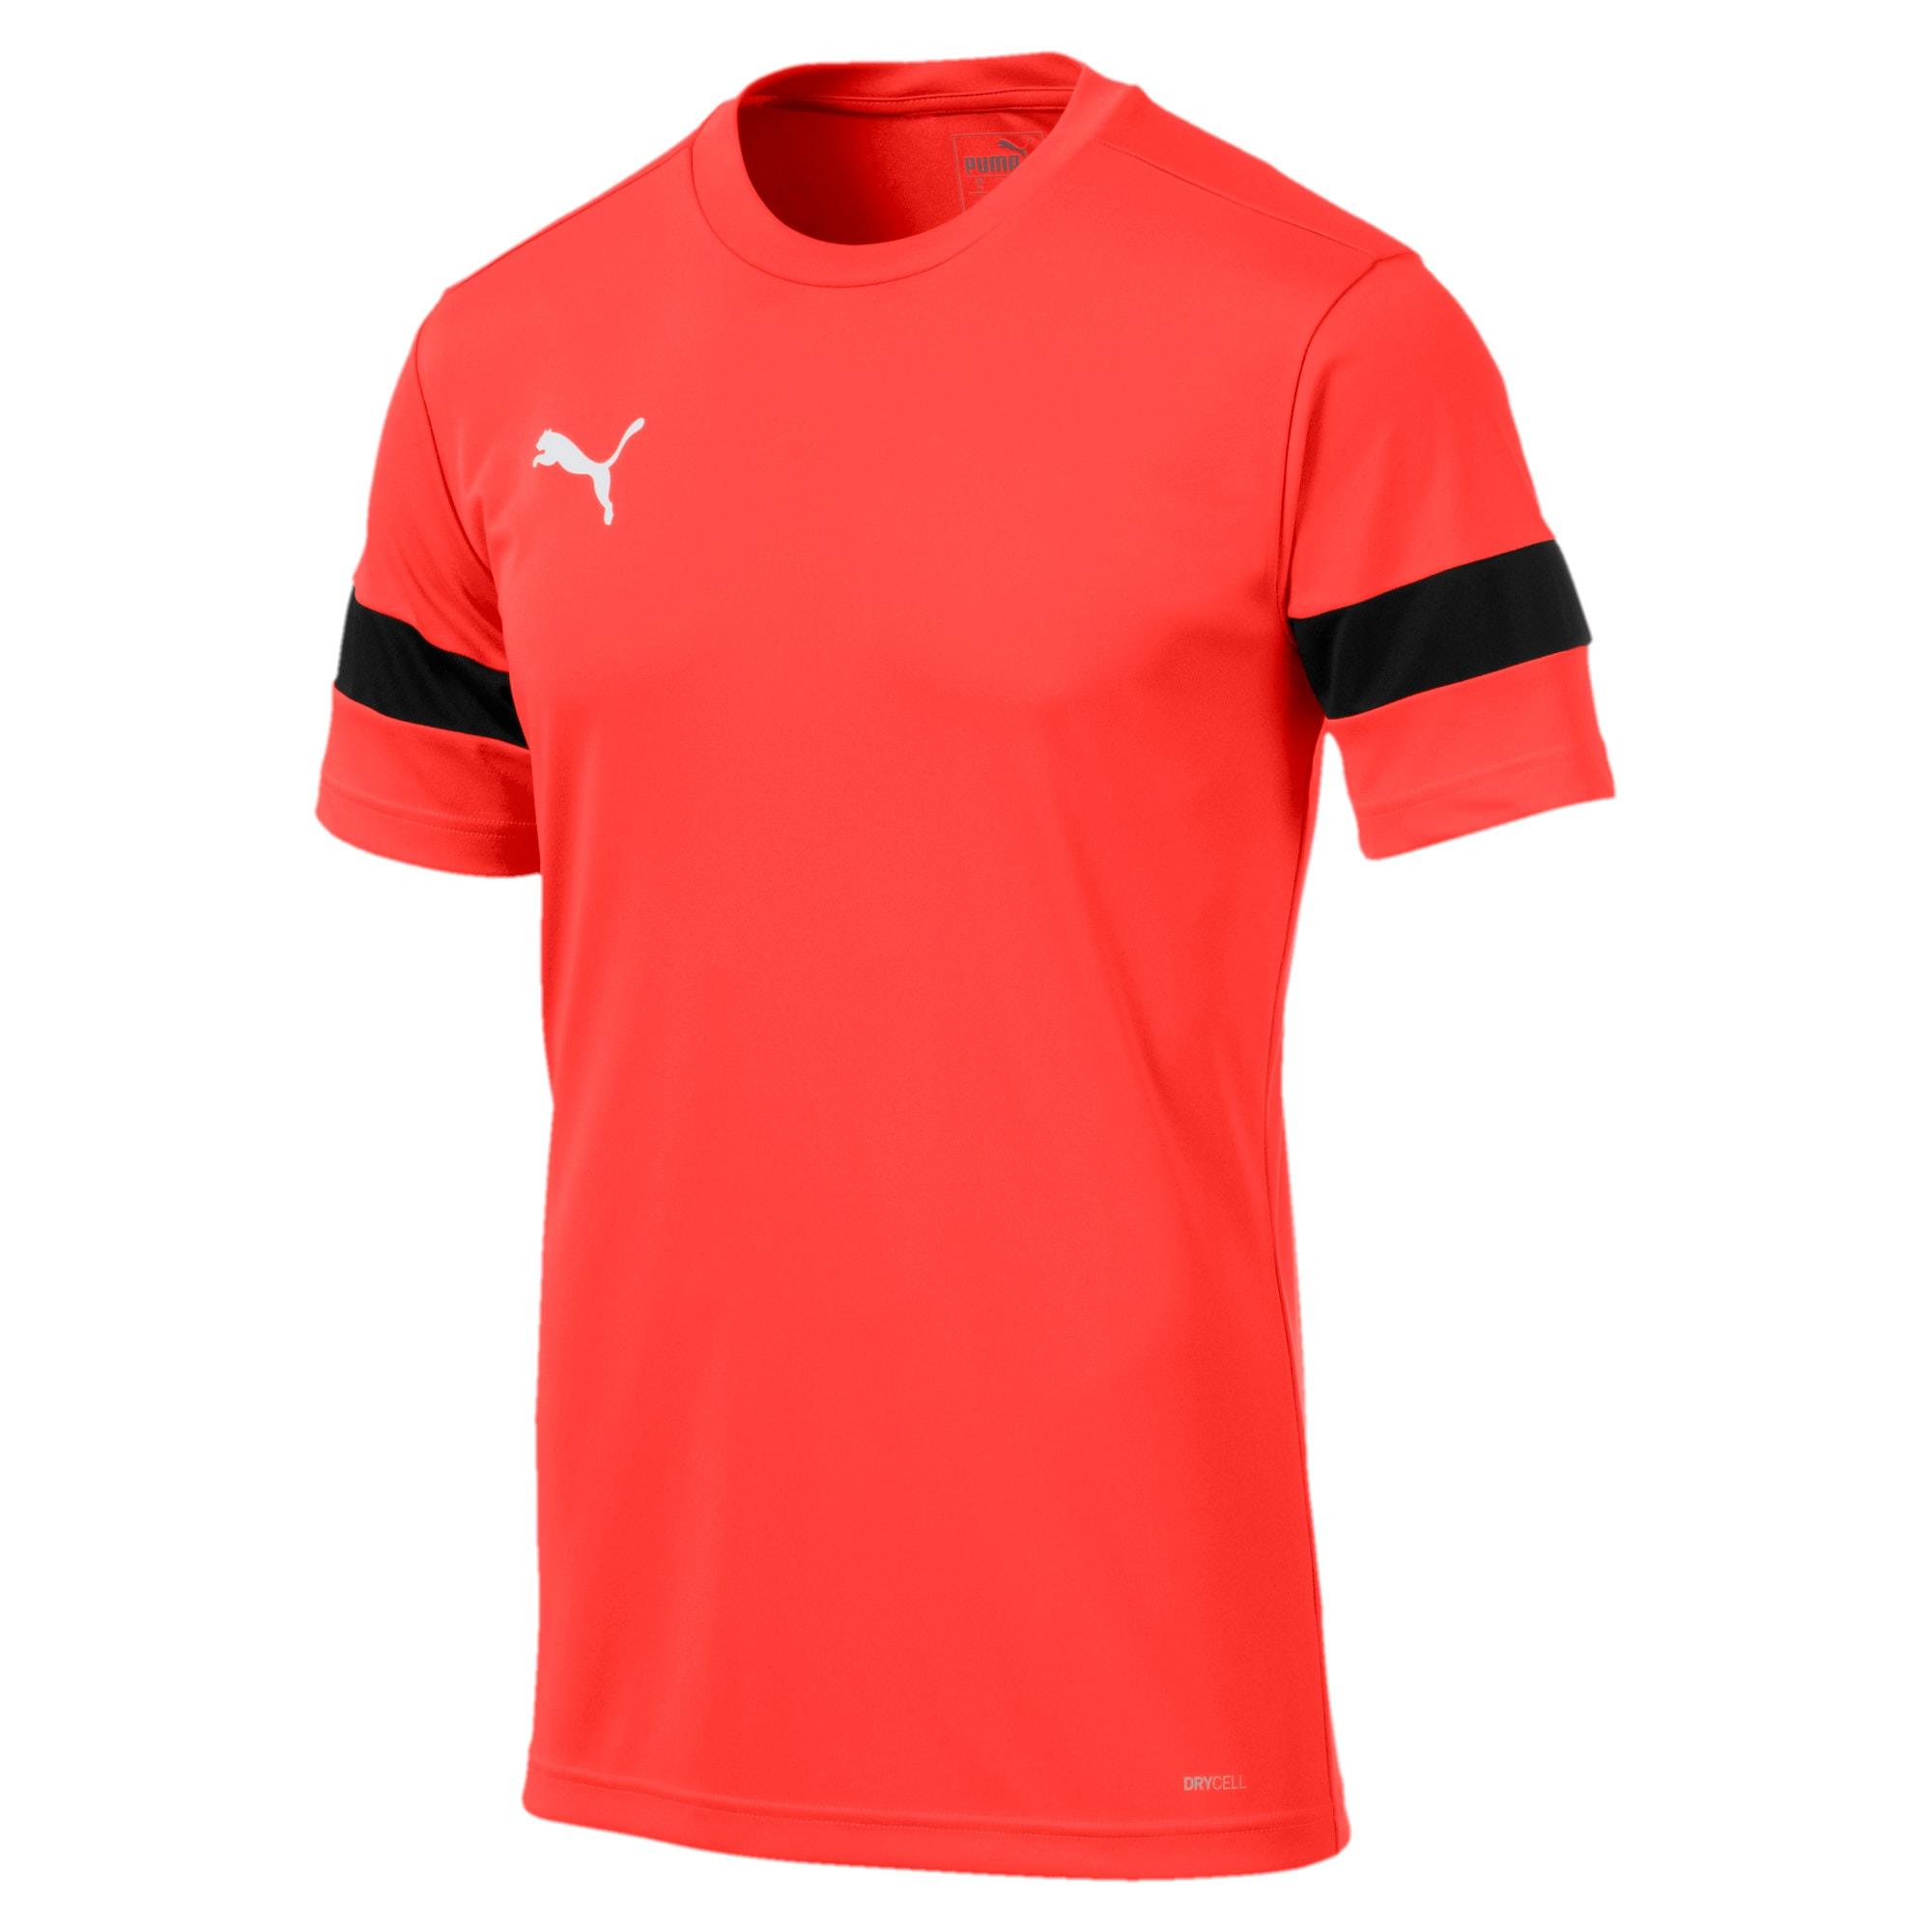 Thumbnail 4 of Maillot pour l'entraînement PLAY pour homme, Nrgy Red-Puma Black, medium